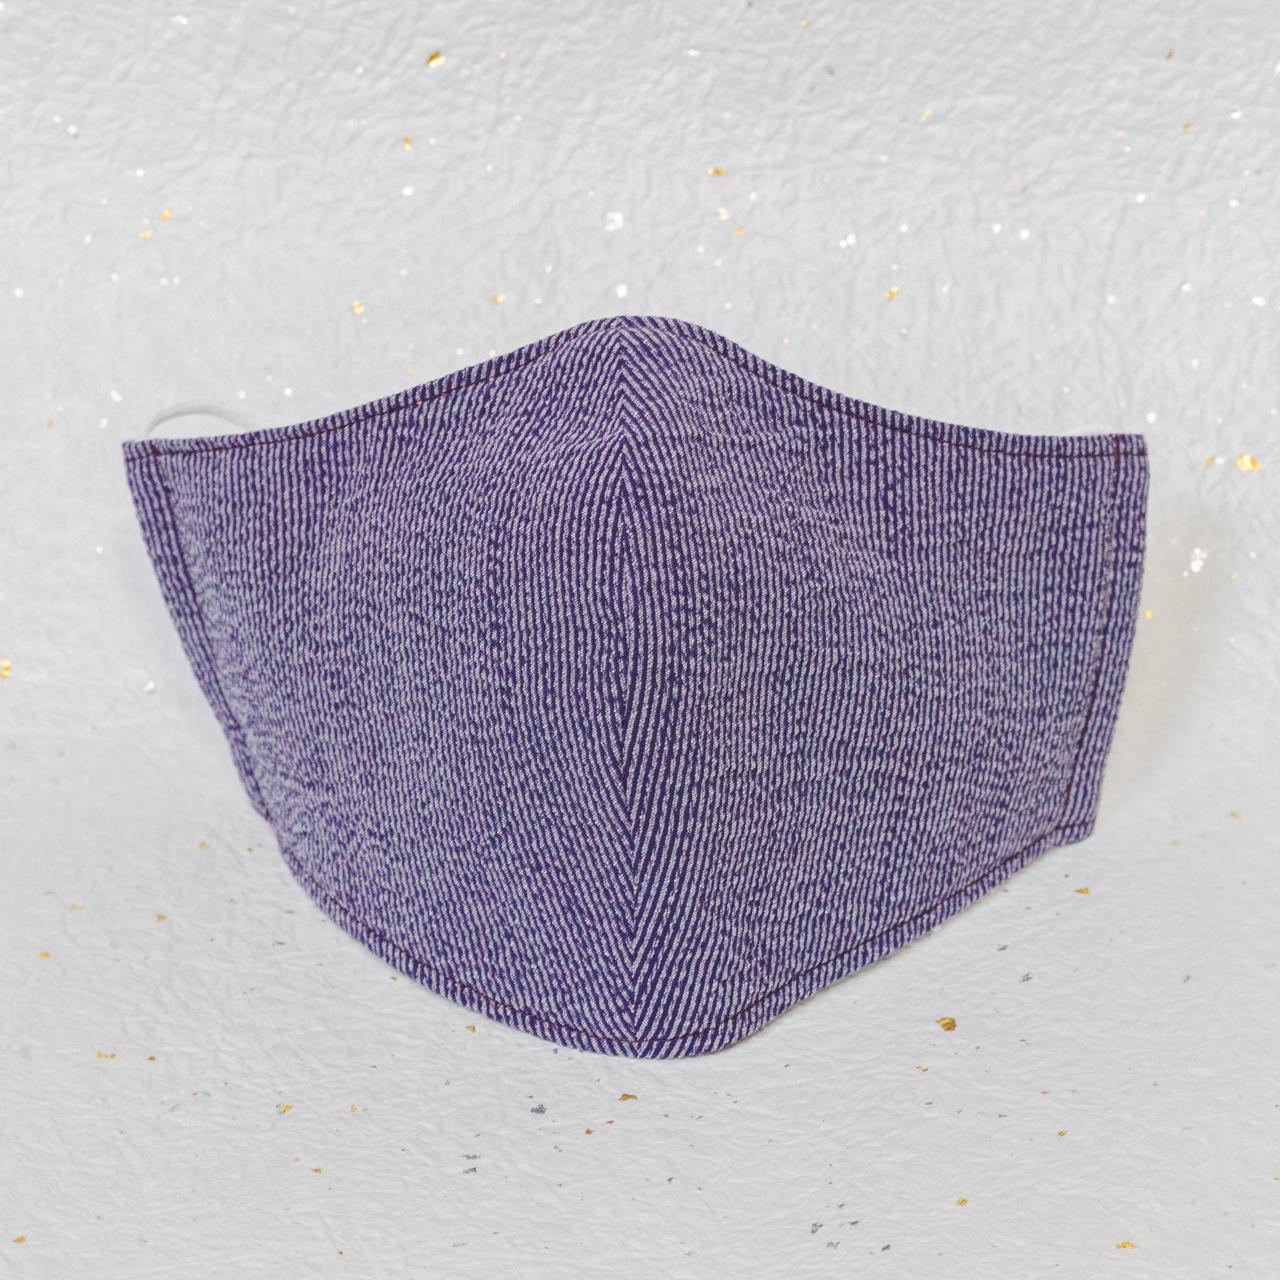 クラシック パープル(紫) / モダン和紙織りマスク